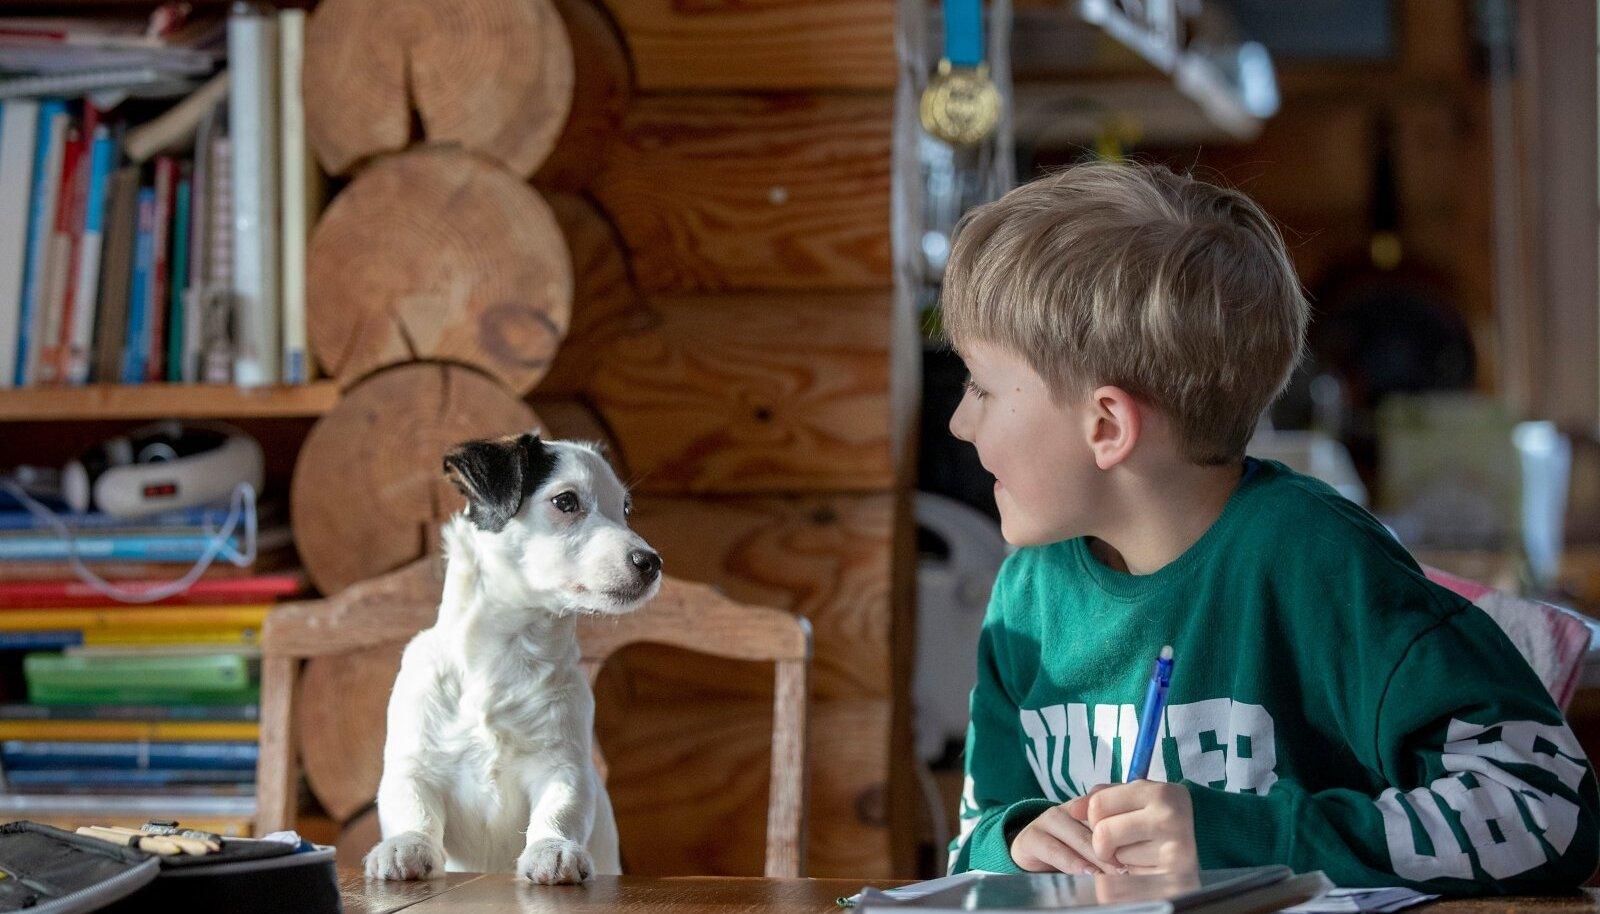 Niipalju, nagu on erinevaid koolilapsi, on ka erinevaid suhtumisi distantsõppesse, fakt igatahes, et koolis koos koeraga õppida ei saa... Isegi Toots mitte!